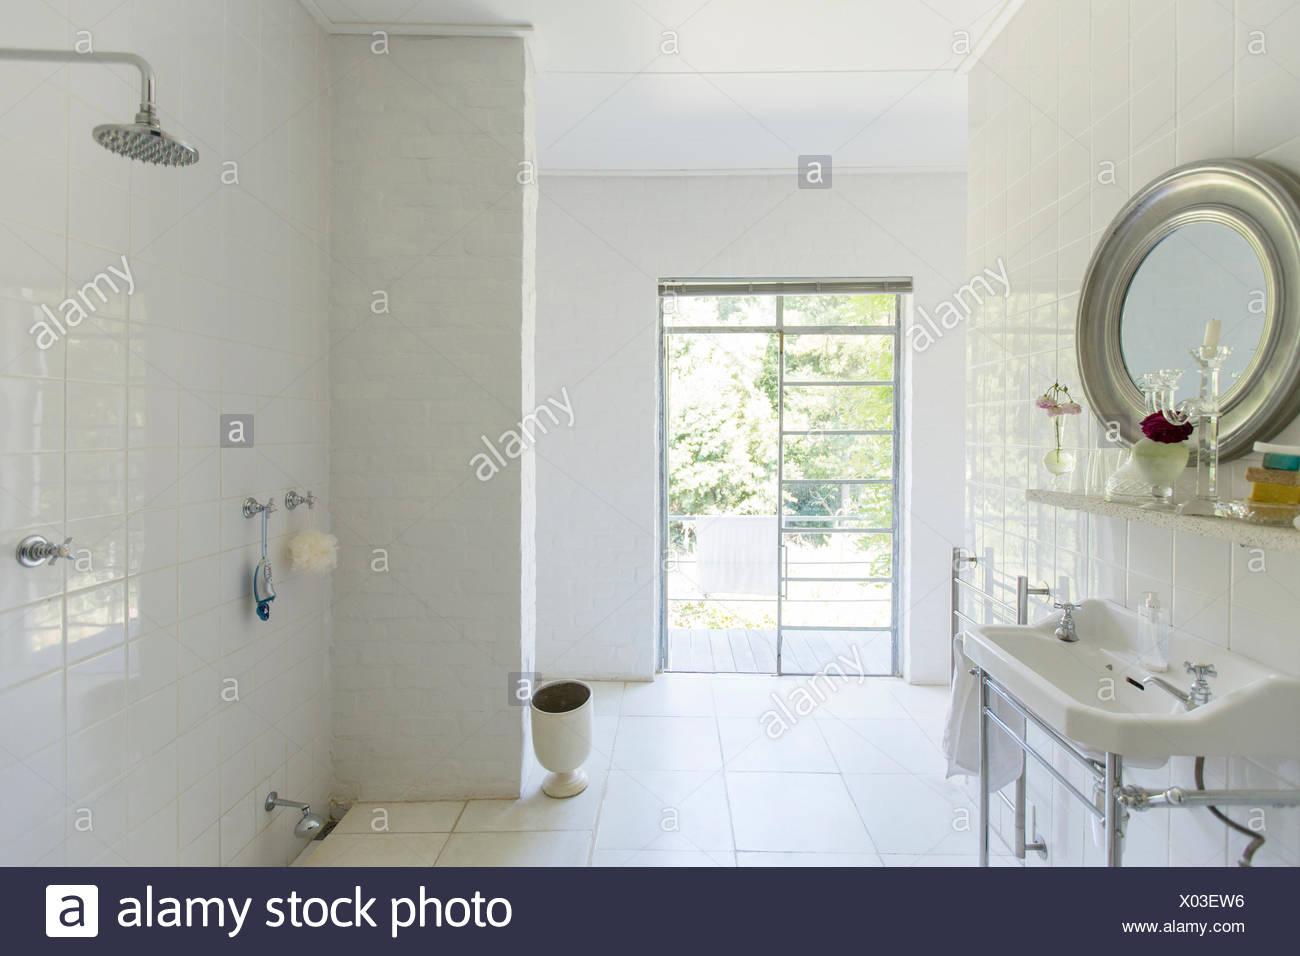 Glass door in rustic bathroom - Stock Image